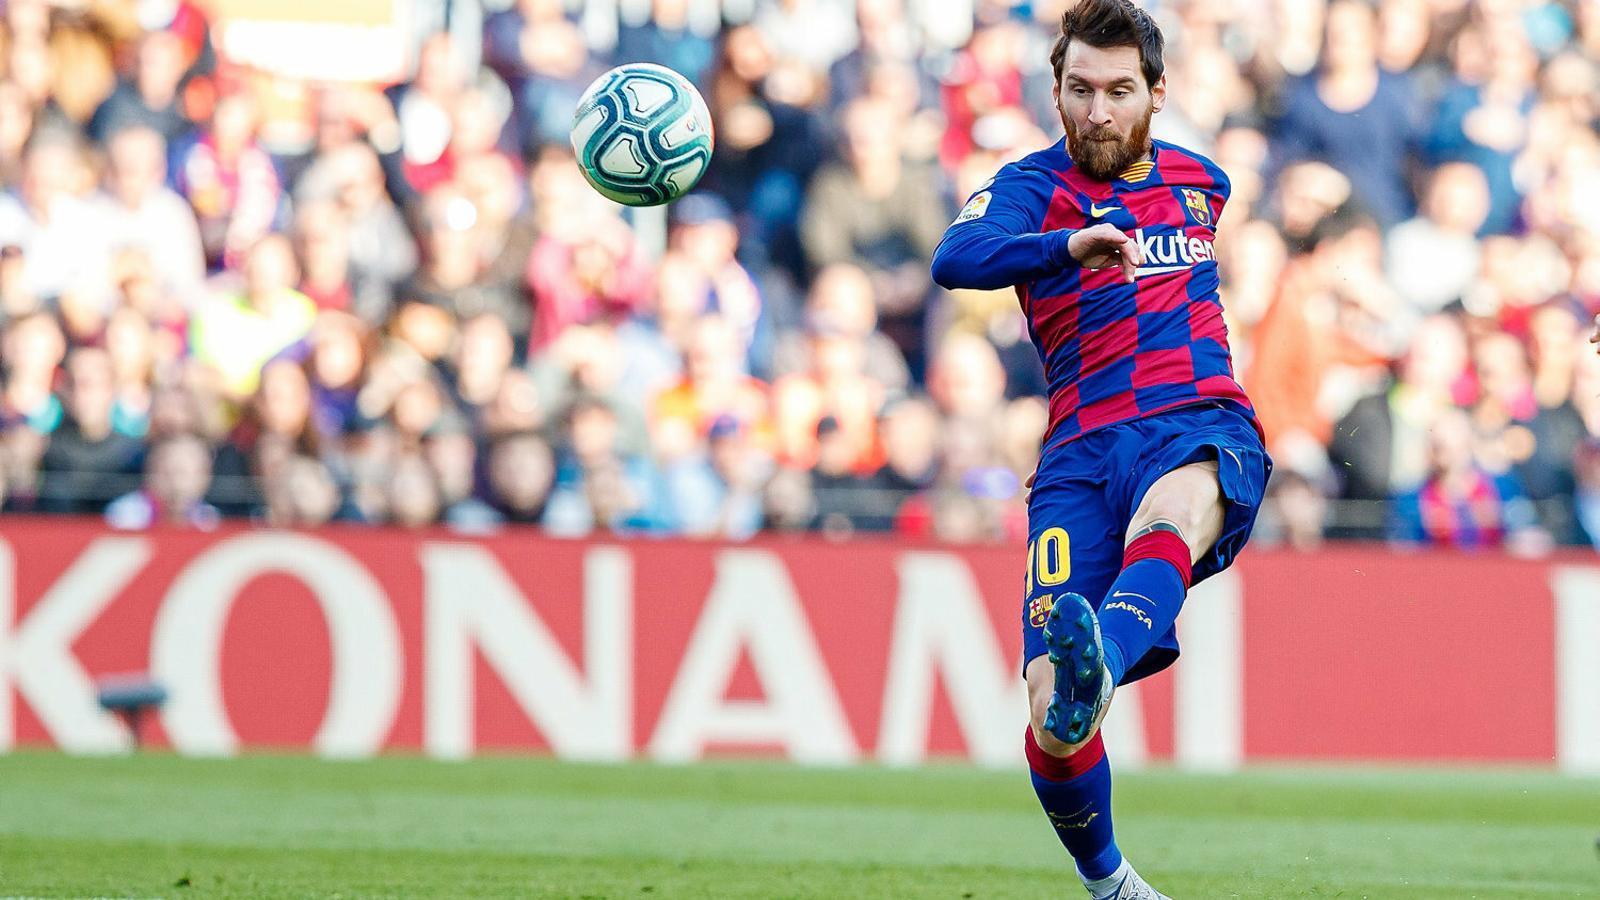 Leo Messi, davanter del Barça, durant el partit contra el Getafe.